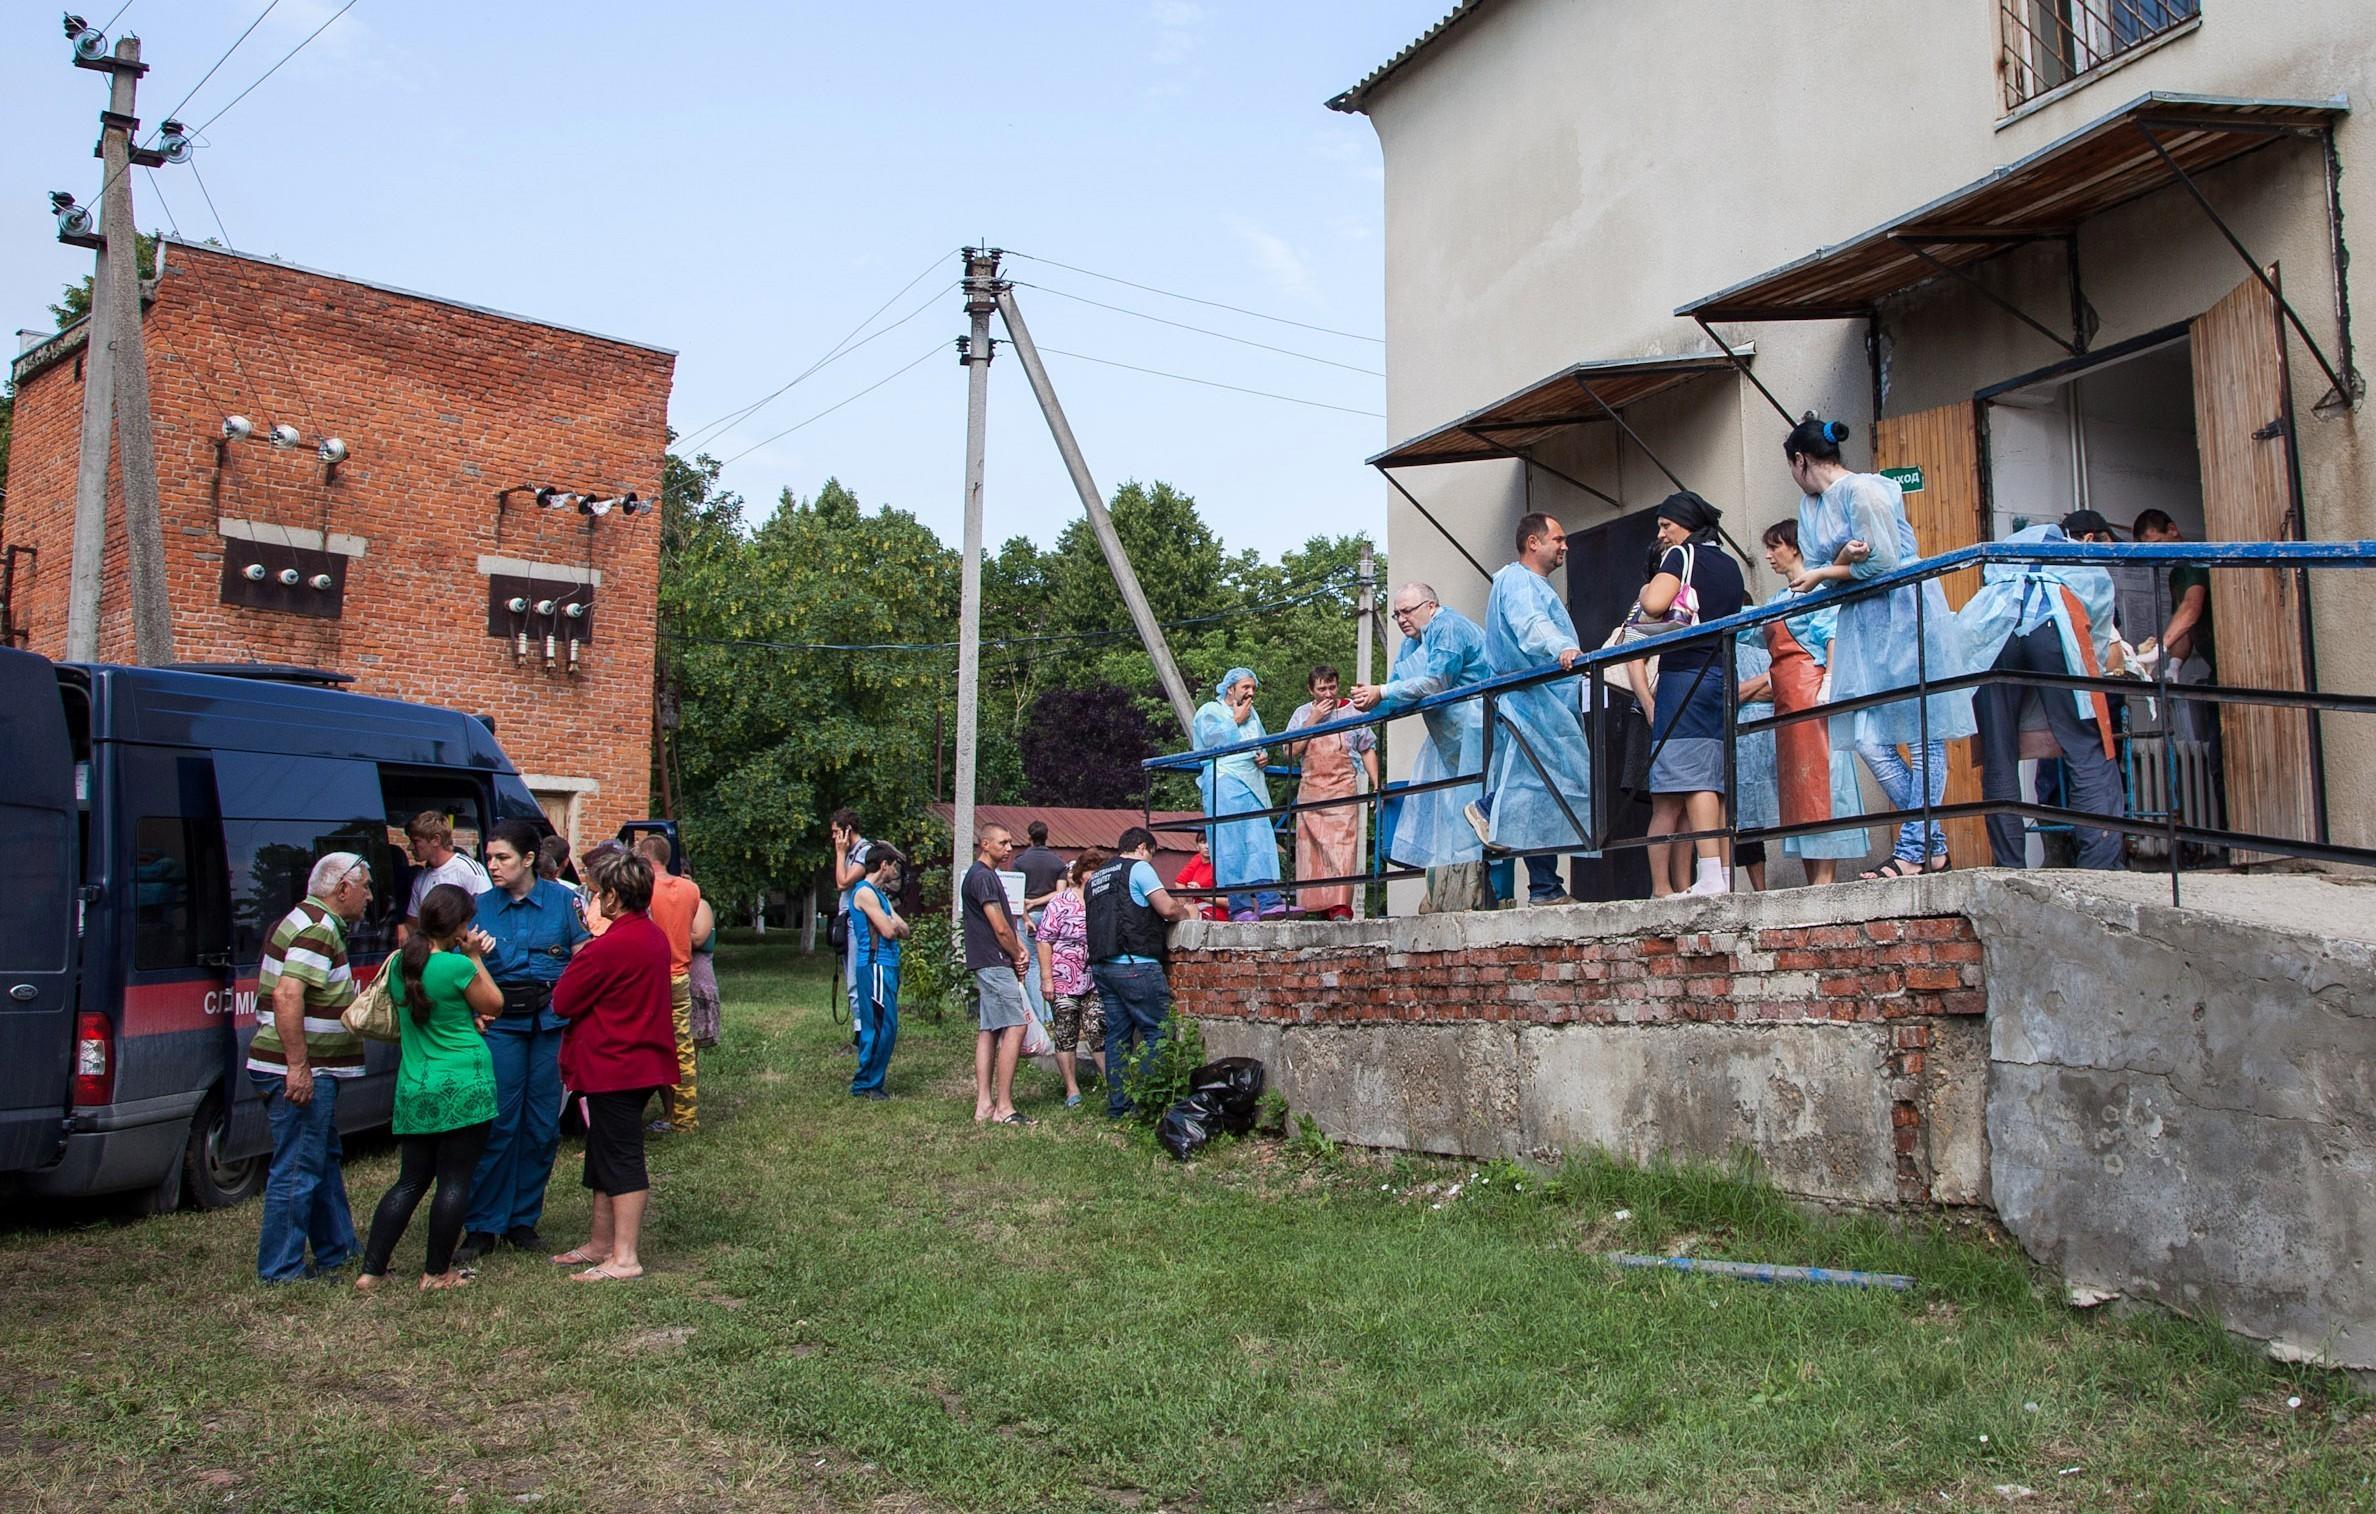 Тихое место: Многоквартирный дом сделали избывшего морга вКировской области